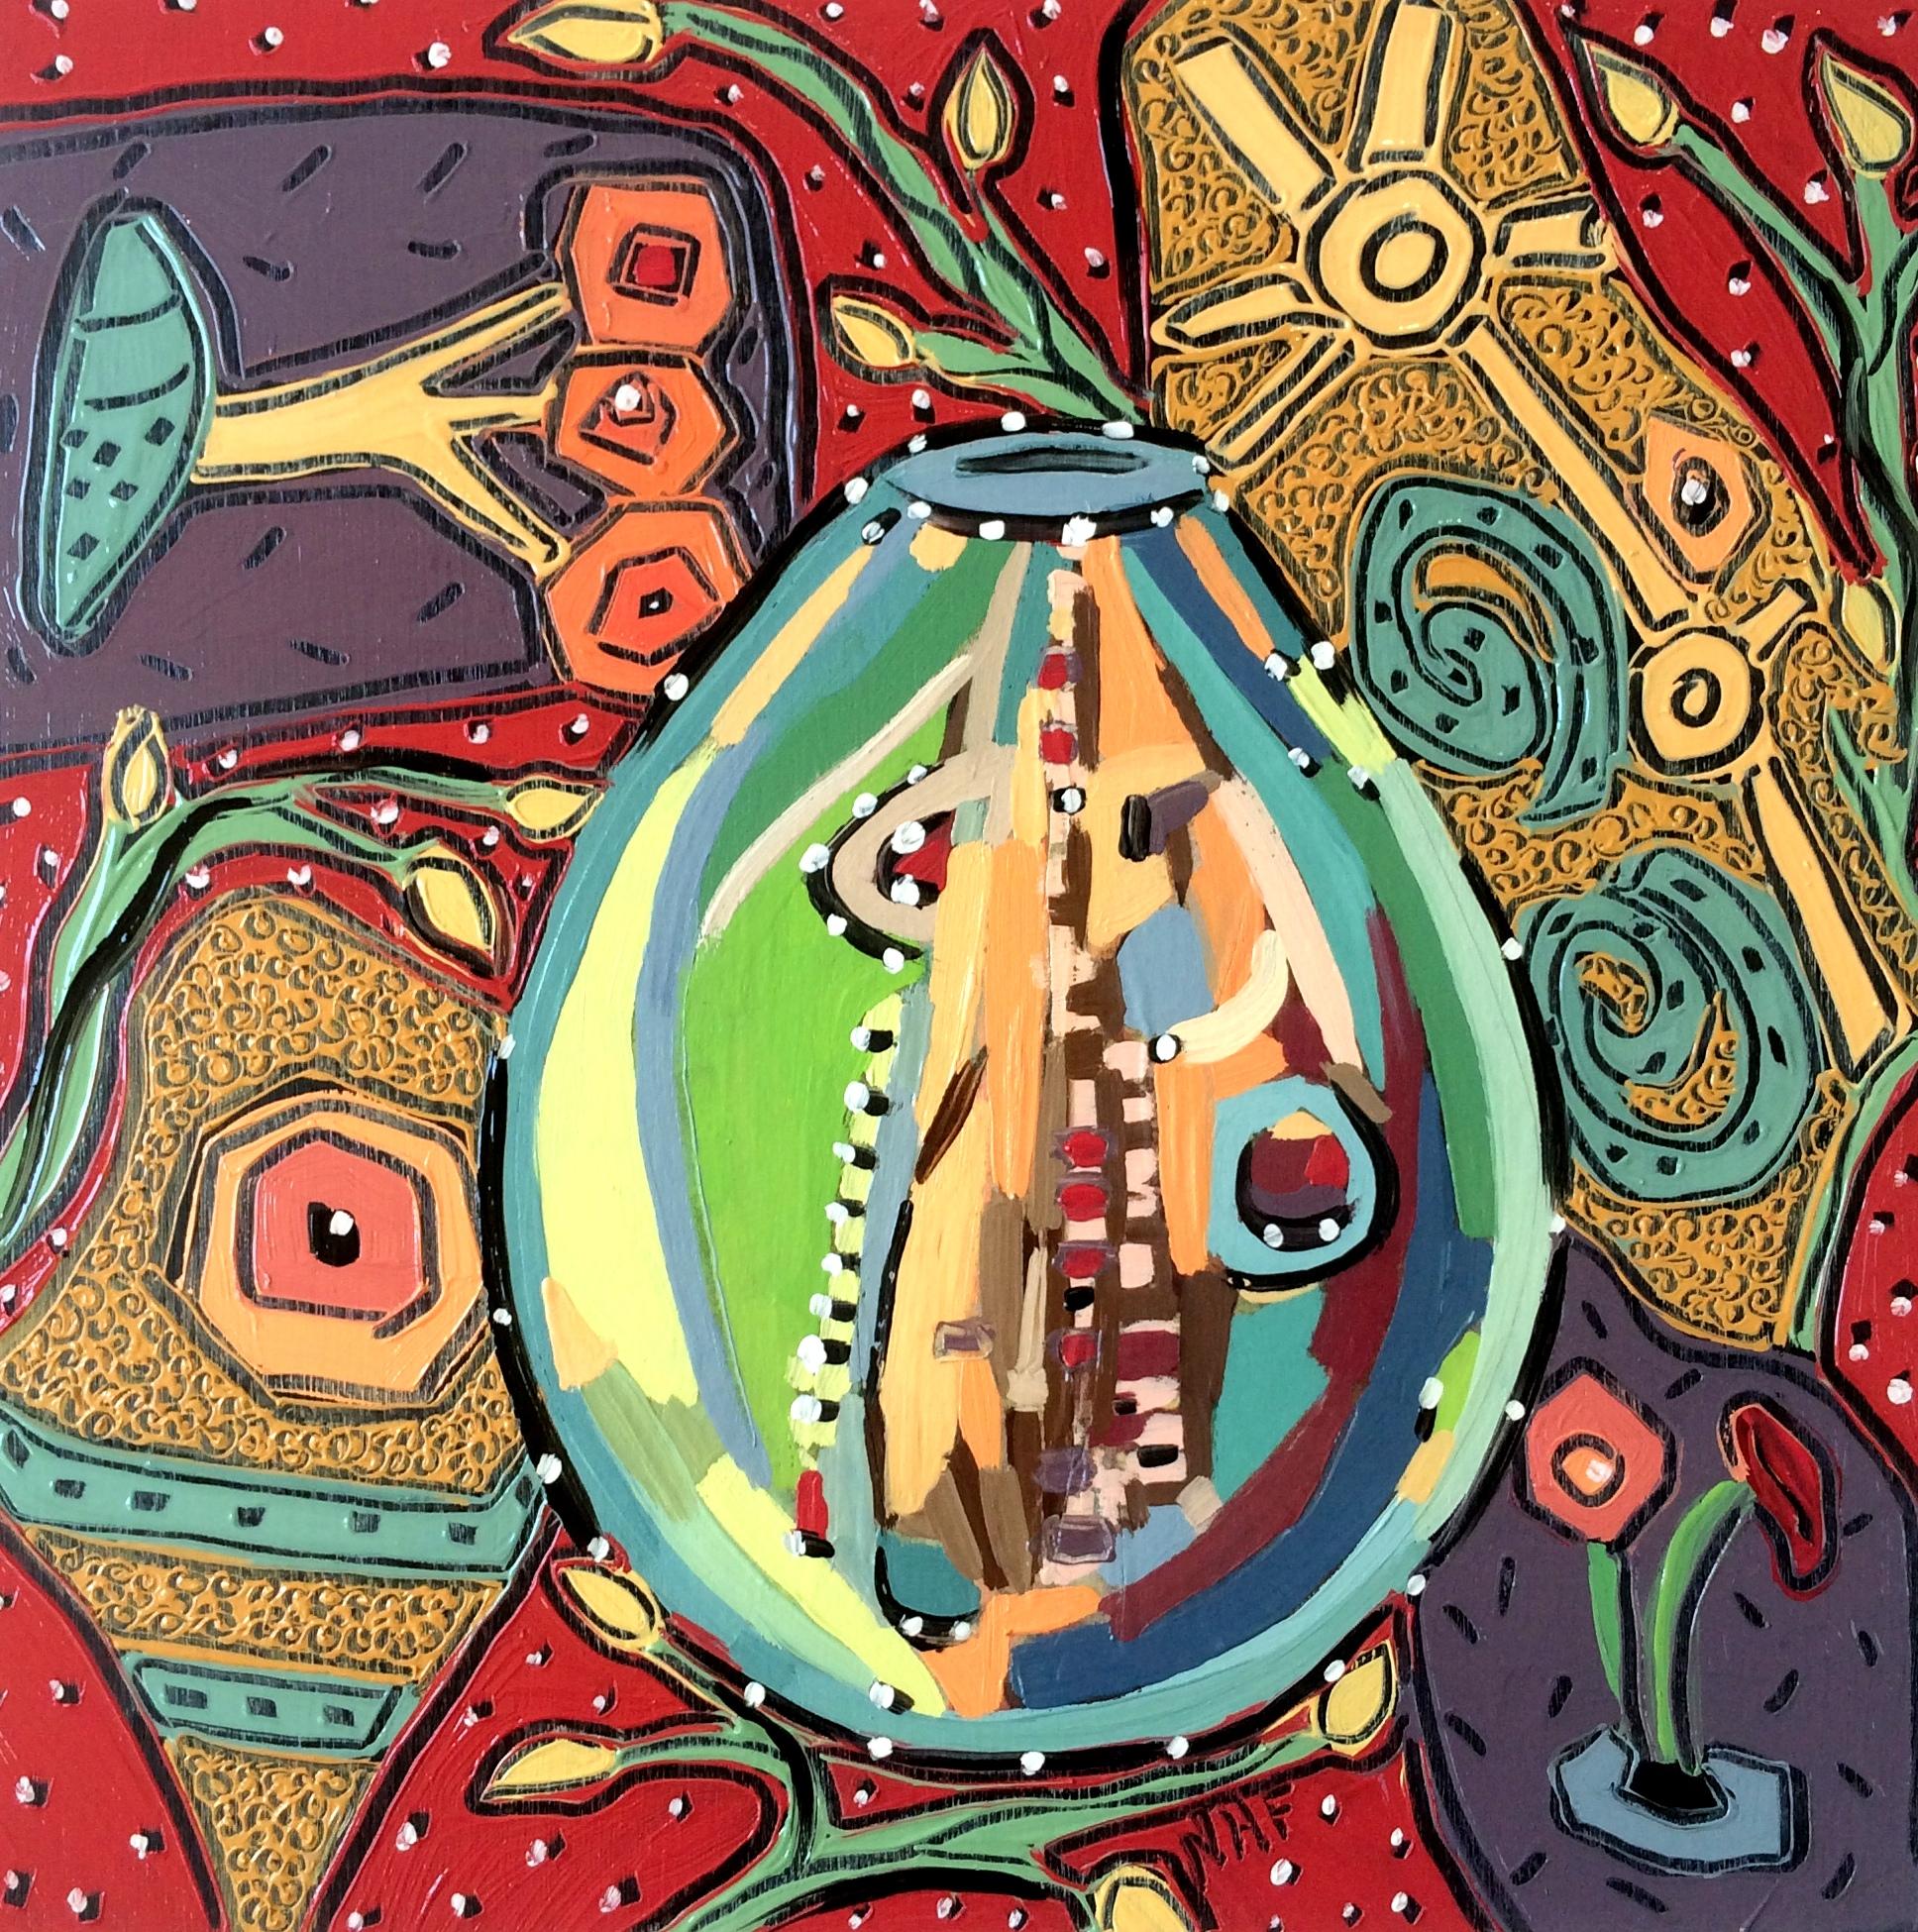 Nan Hass Feldman,  Vessels in Dreamtime 13 , Oil on panel, 8x8